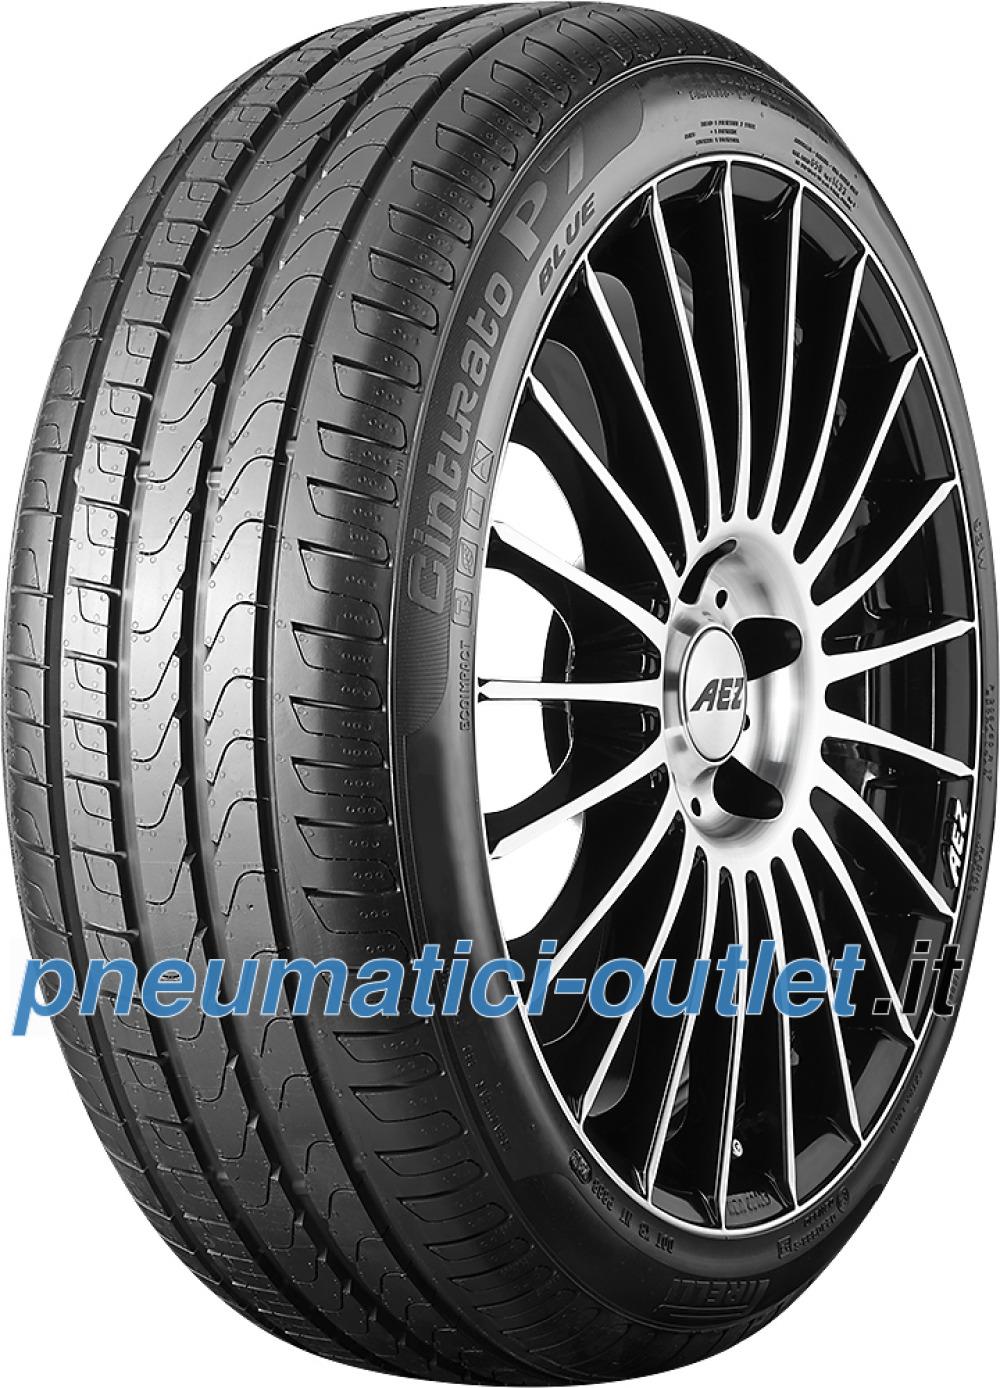 Pirelli Cinturato P7 Blue ( 245/45 R17 99Y XL ECOIMPACT, con protezione del cerchio (MFS) )